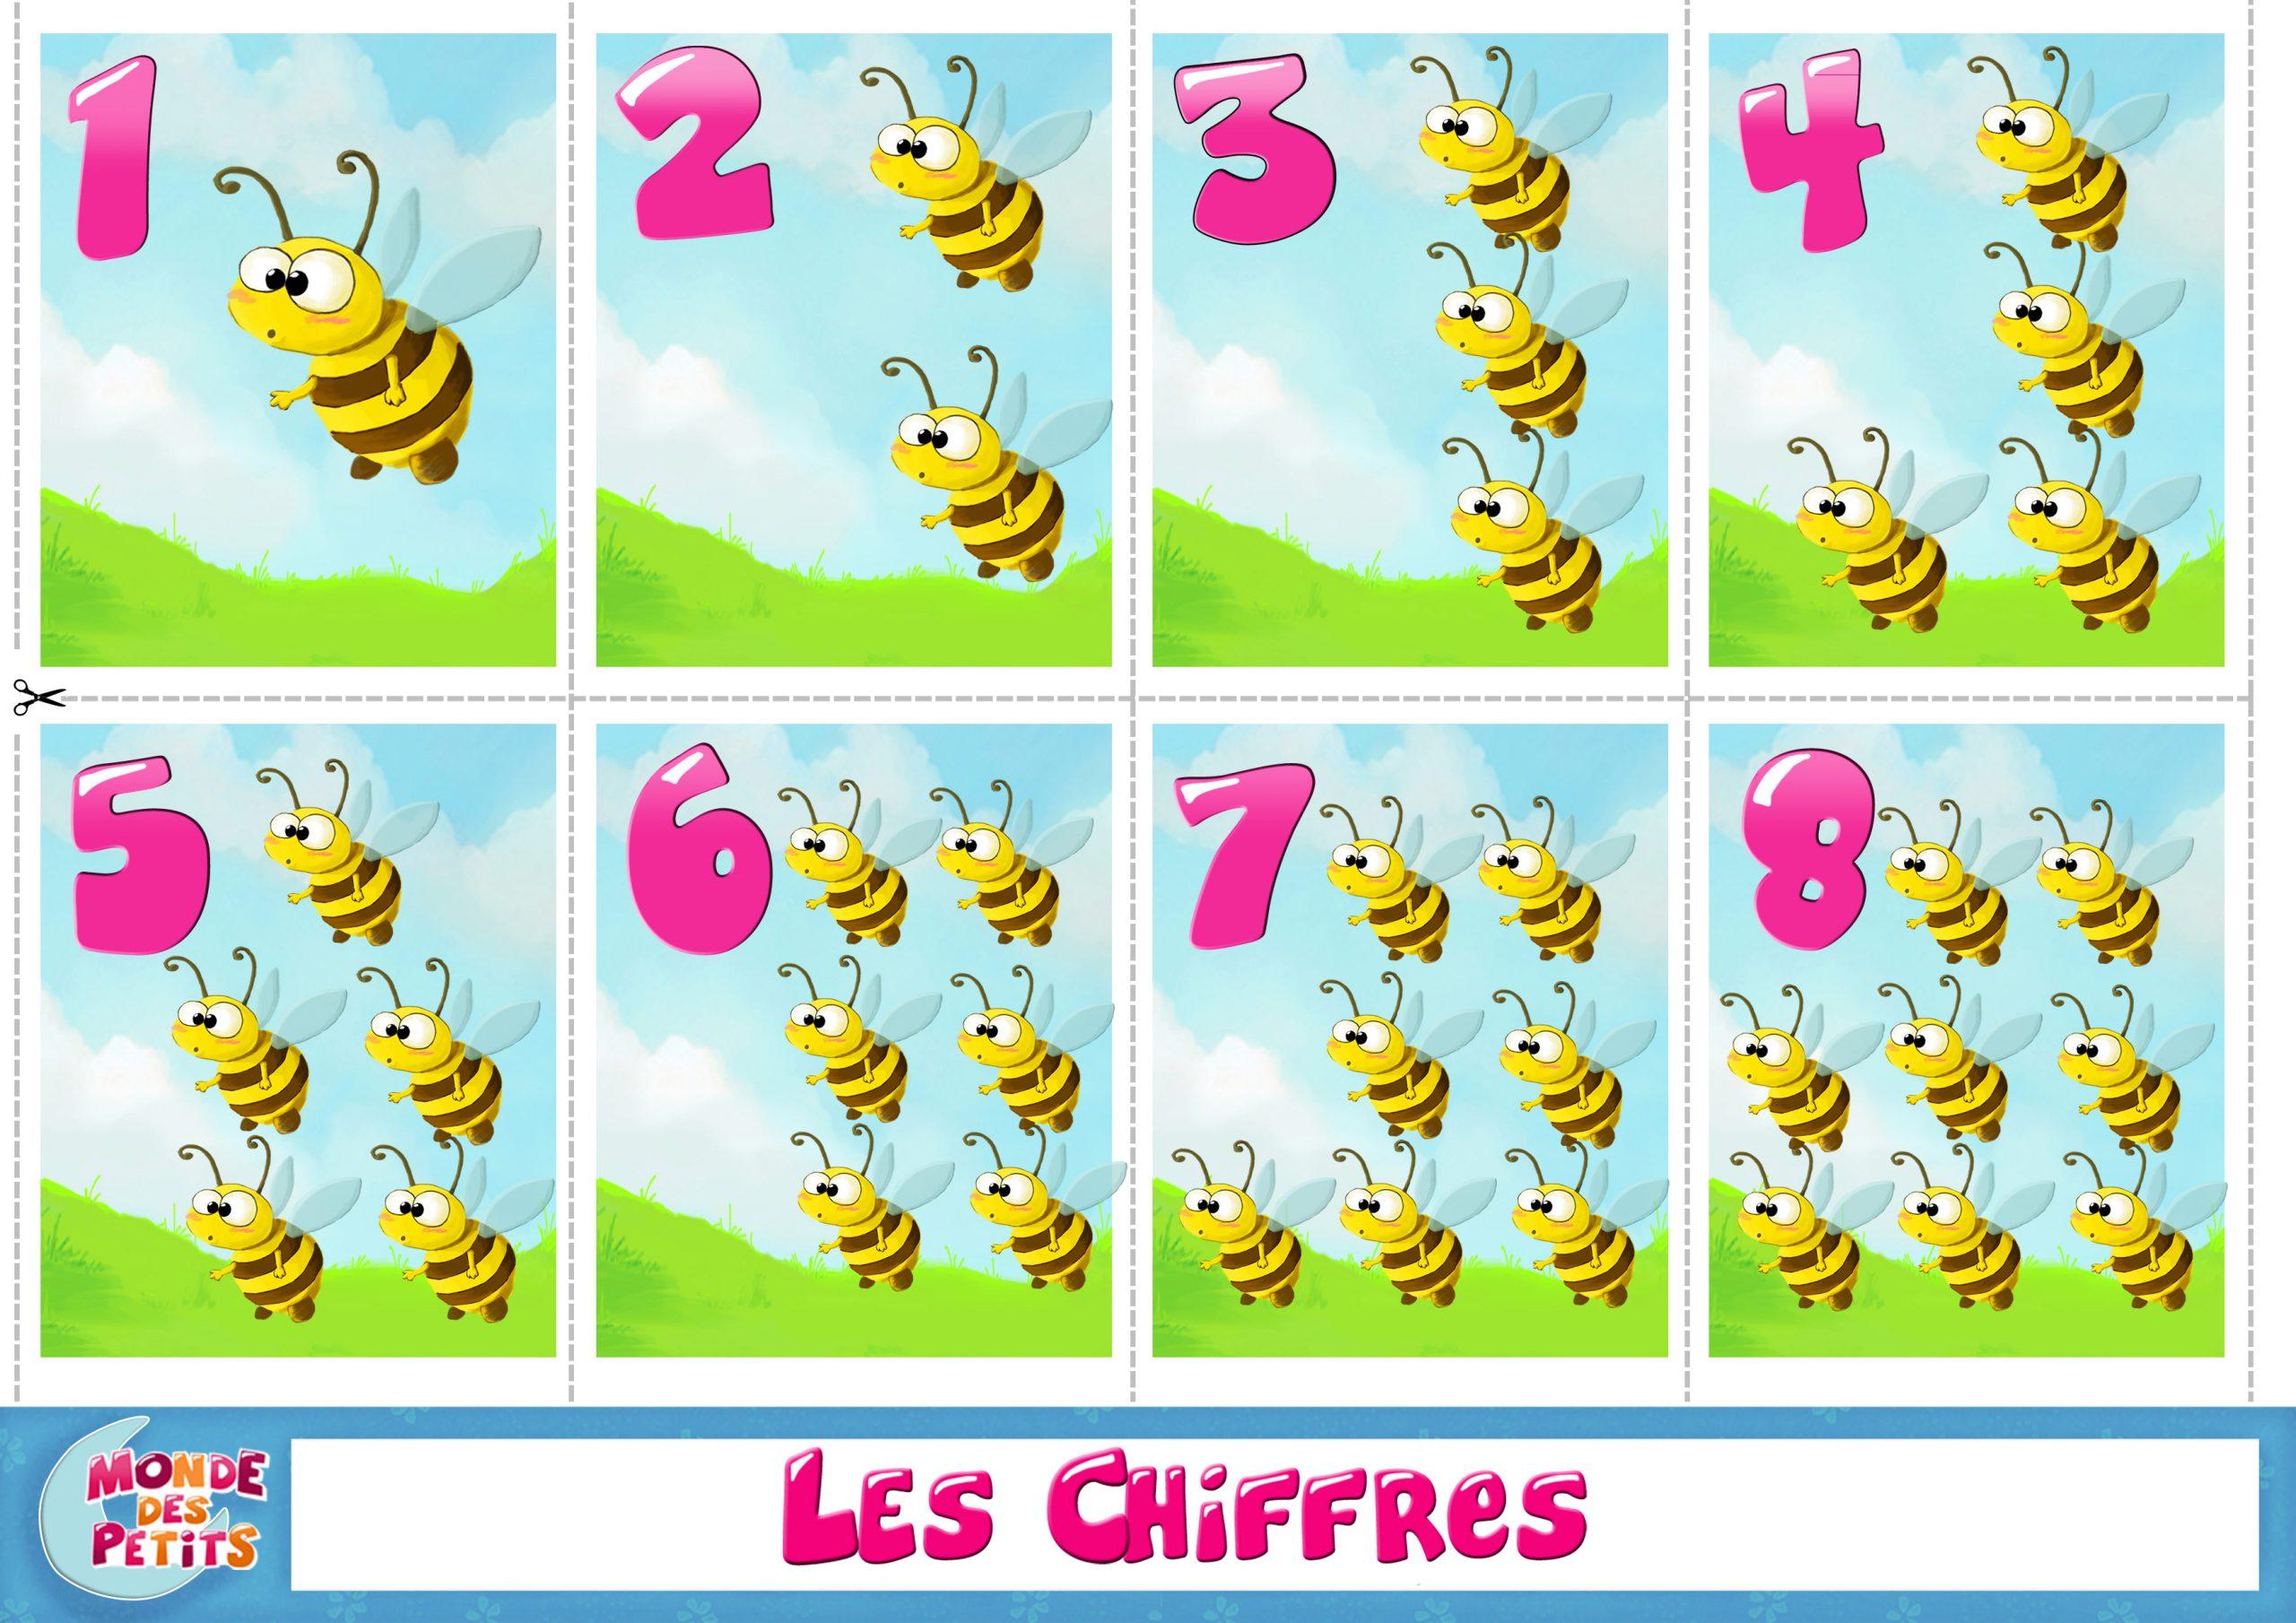 Monde Des Petits - Apprendre En Vidéo concernant Jeux Pour Apprendre Les Chiffres En Francais